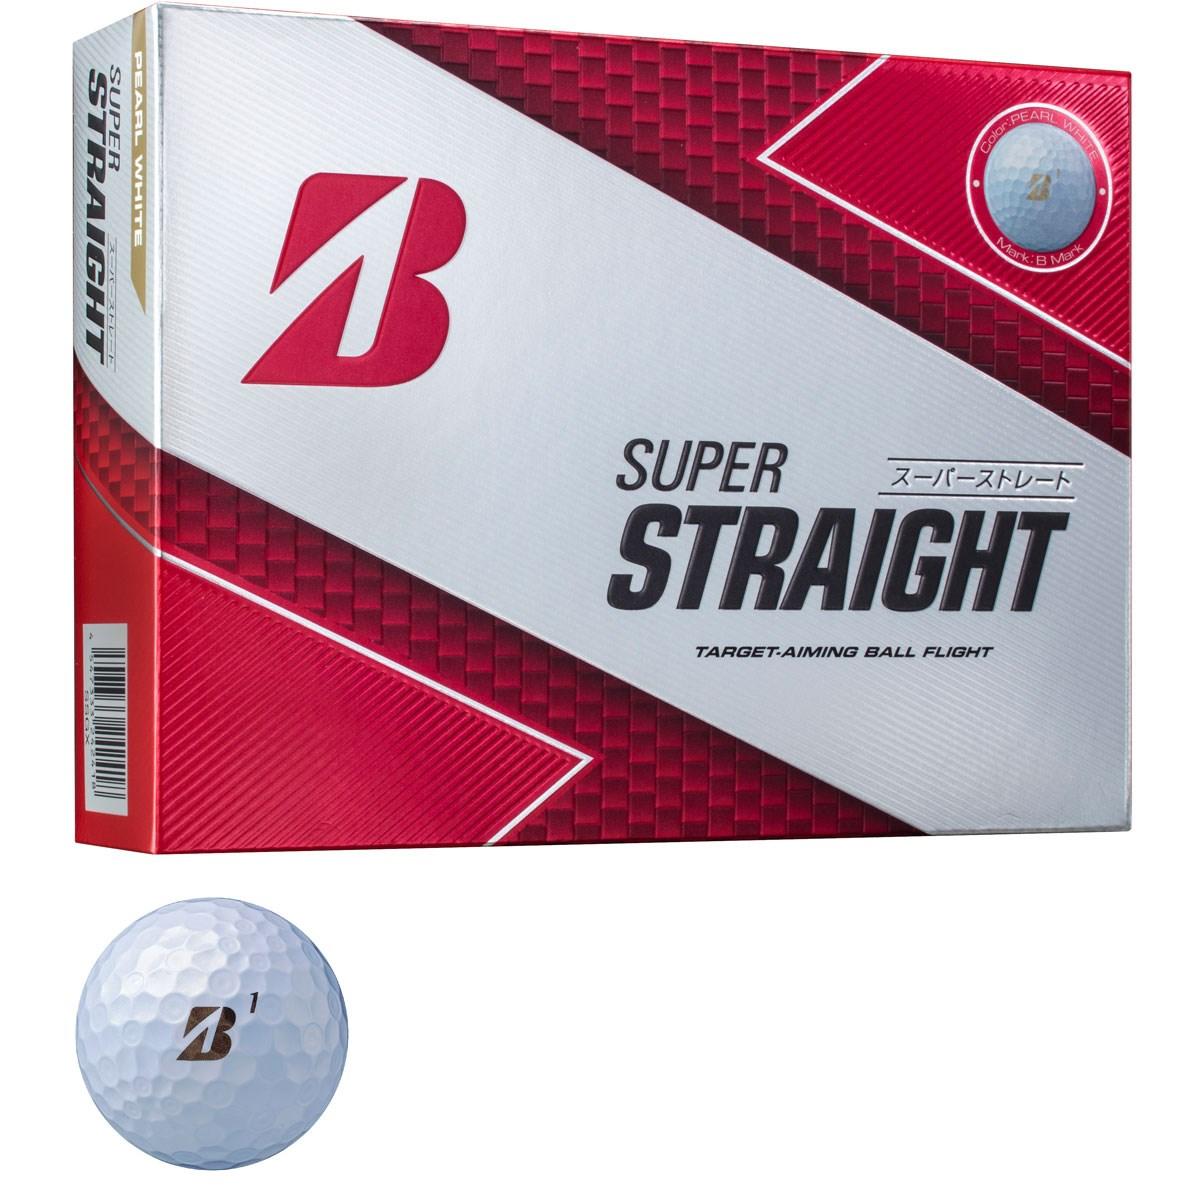 ブリヂストン BRIDGESTONE GOLF SUPER STRAIGHT ボール 1ダース(12個入り) パールホワイト